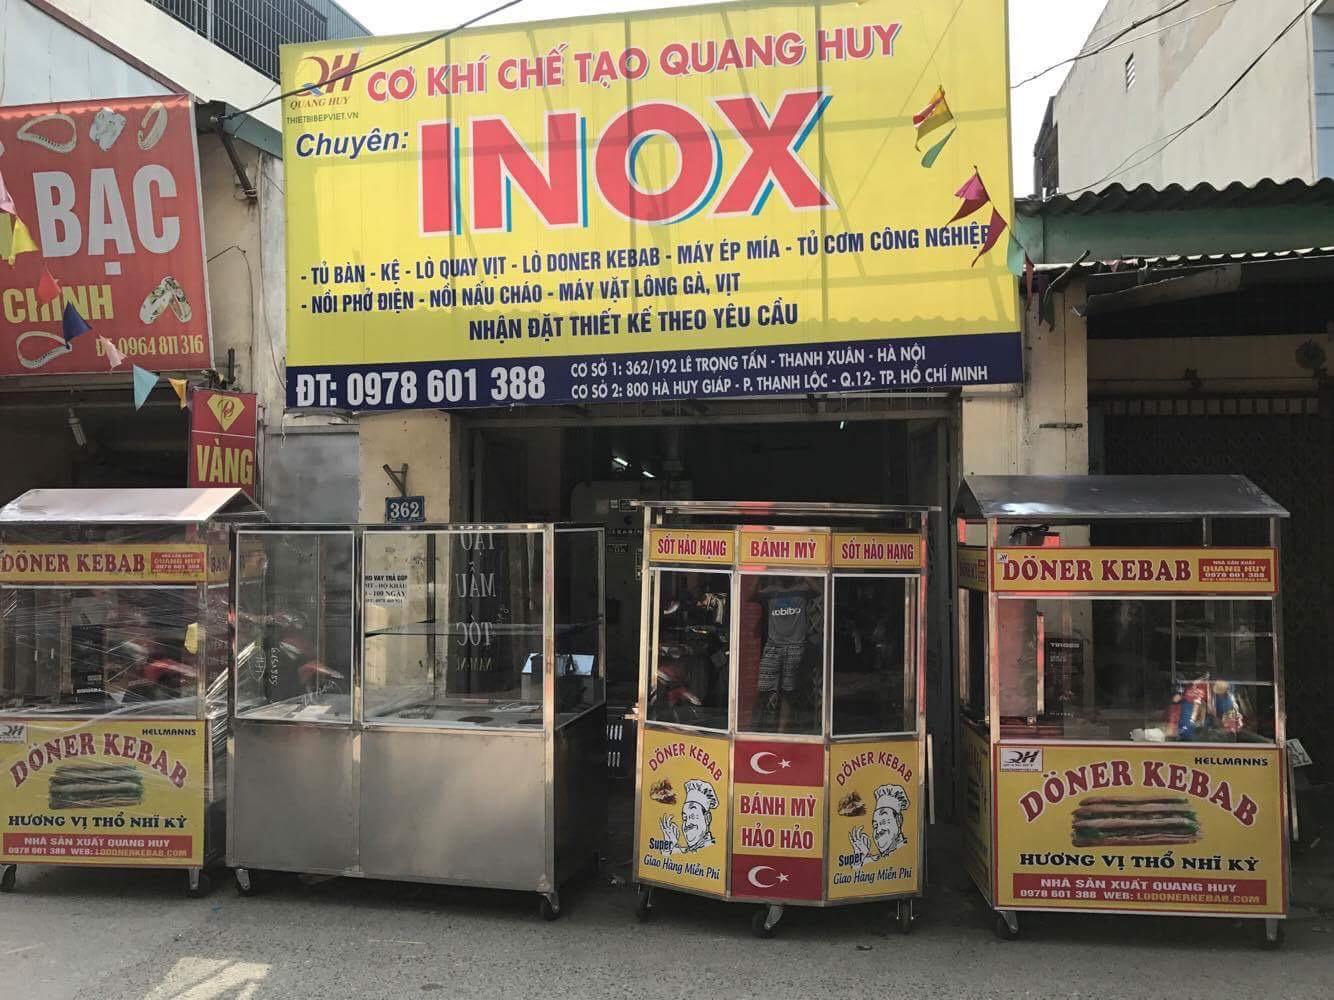 Quang Huy - xe bánh mì Thổ Nhĩ Kỳ có giá bao nhiêu